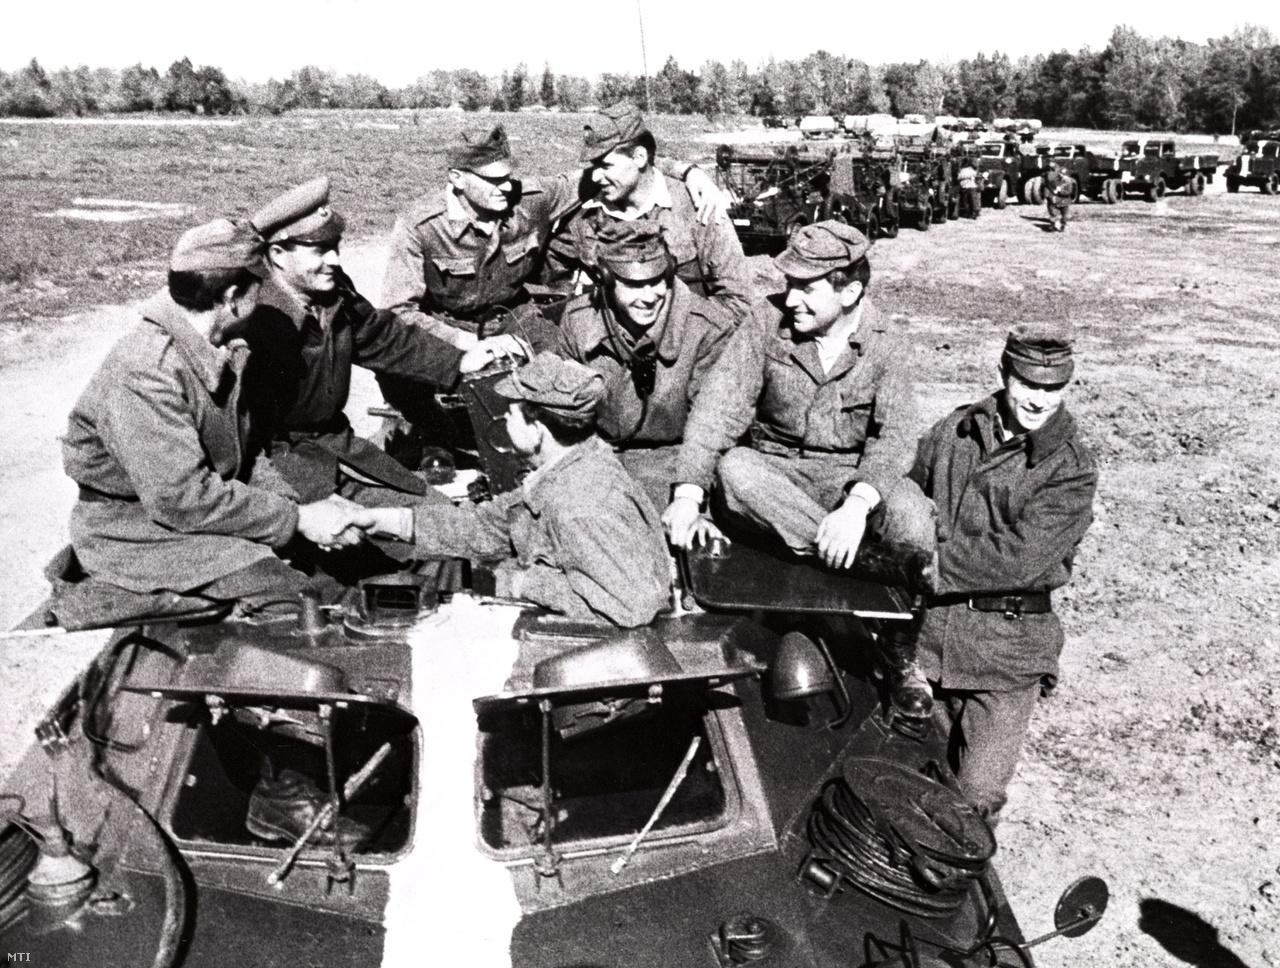 A magyar hadsereg Csehszlovákiából hazatérő katonái miután a Varsói Szerződés Szervezete országainak csapatai szovjet vezetéssel megszállták Csehszlovákiát. (1968)